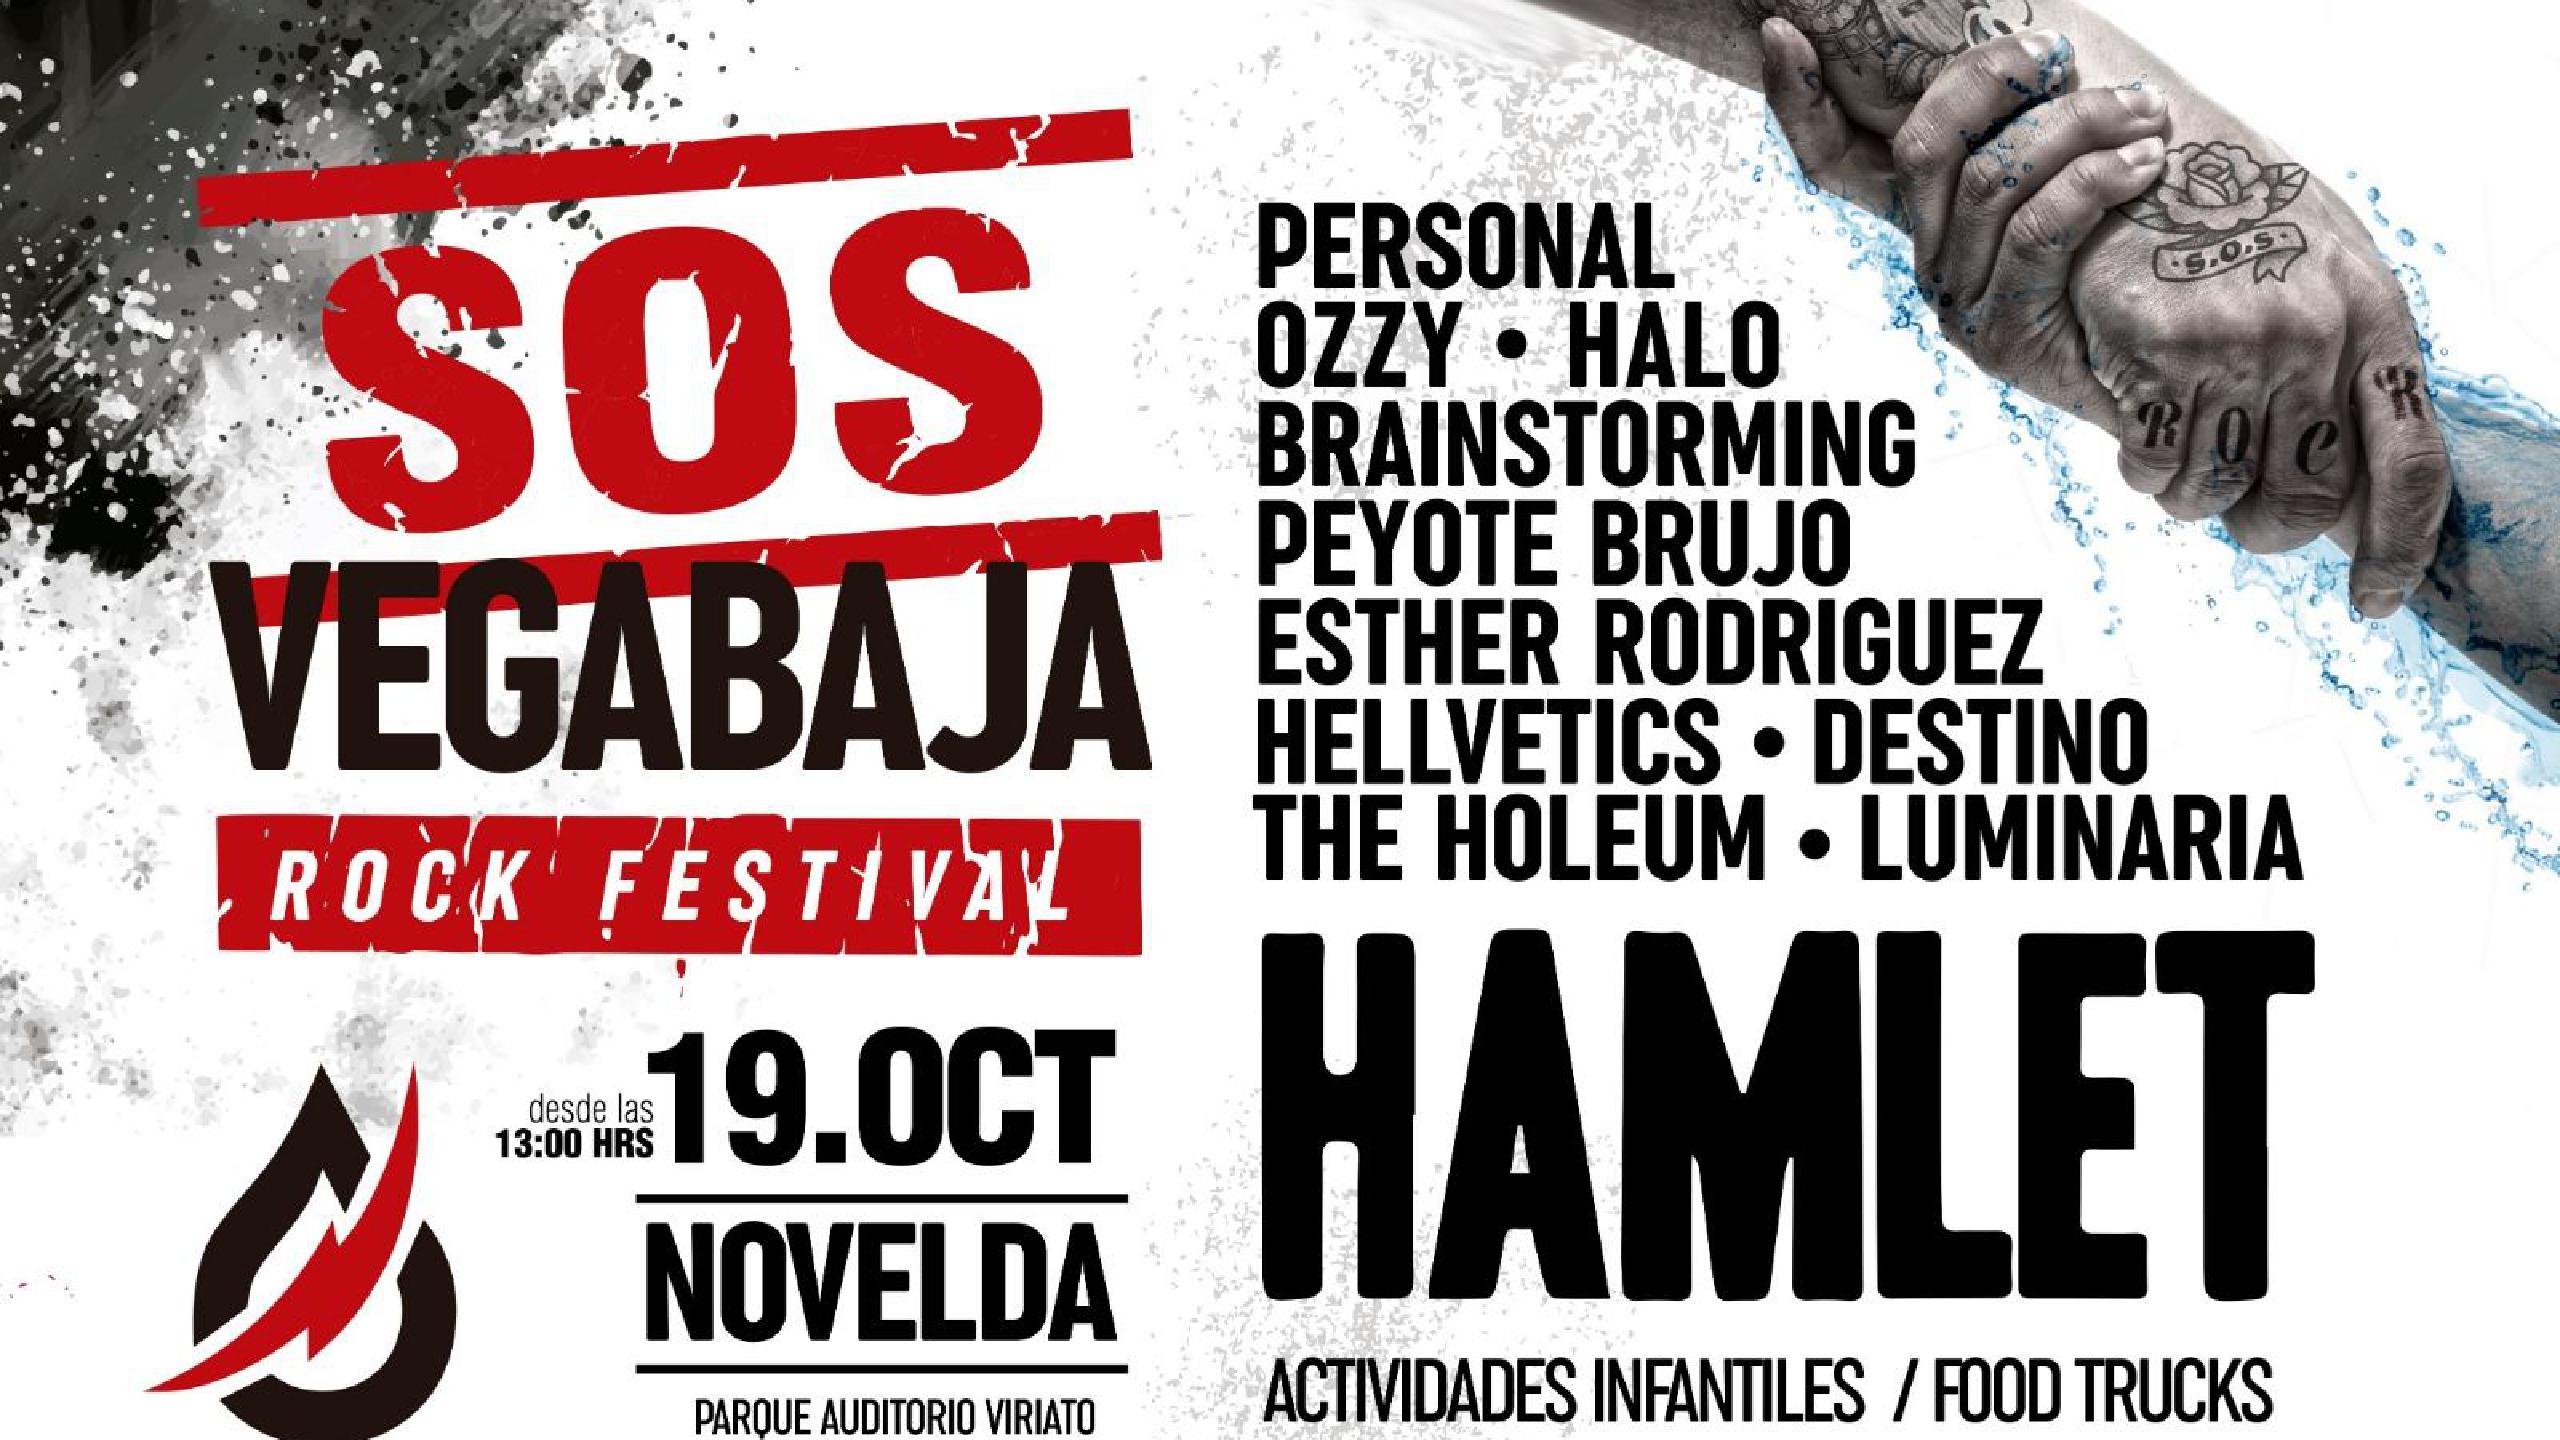 Resultado de imagen de sos vegabaja rock festival 2019